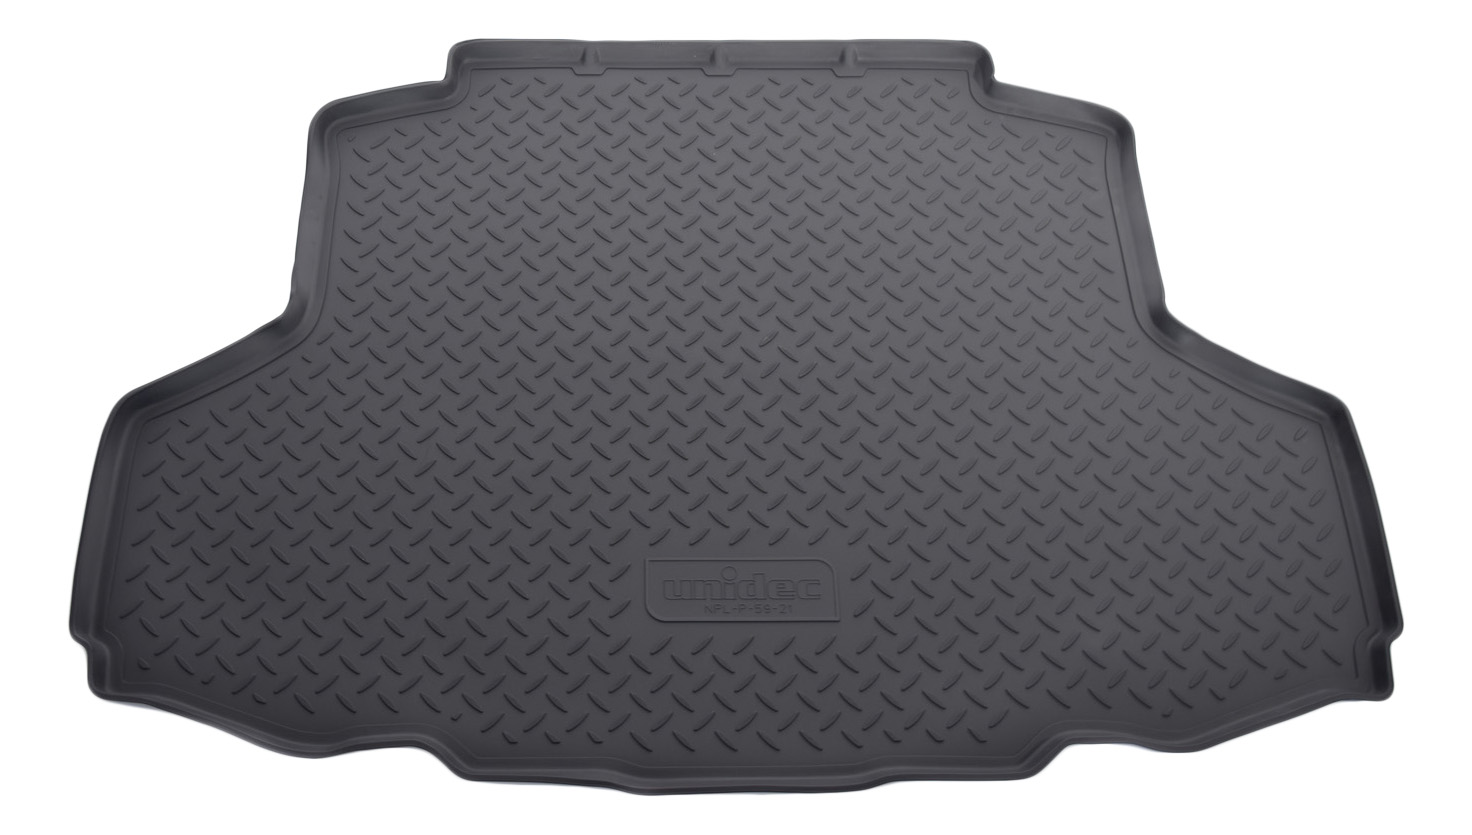 Коврик в багажник автомобиля для Mitsubishi Norplast